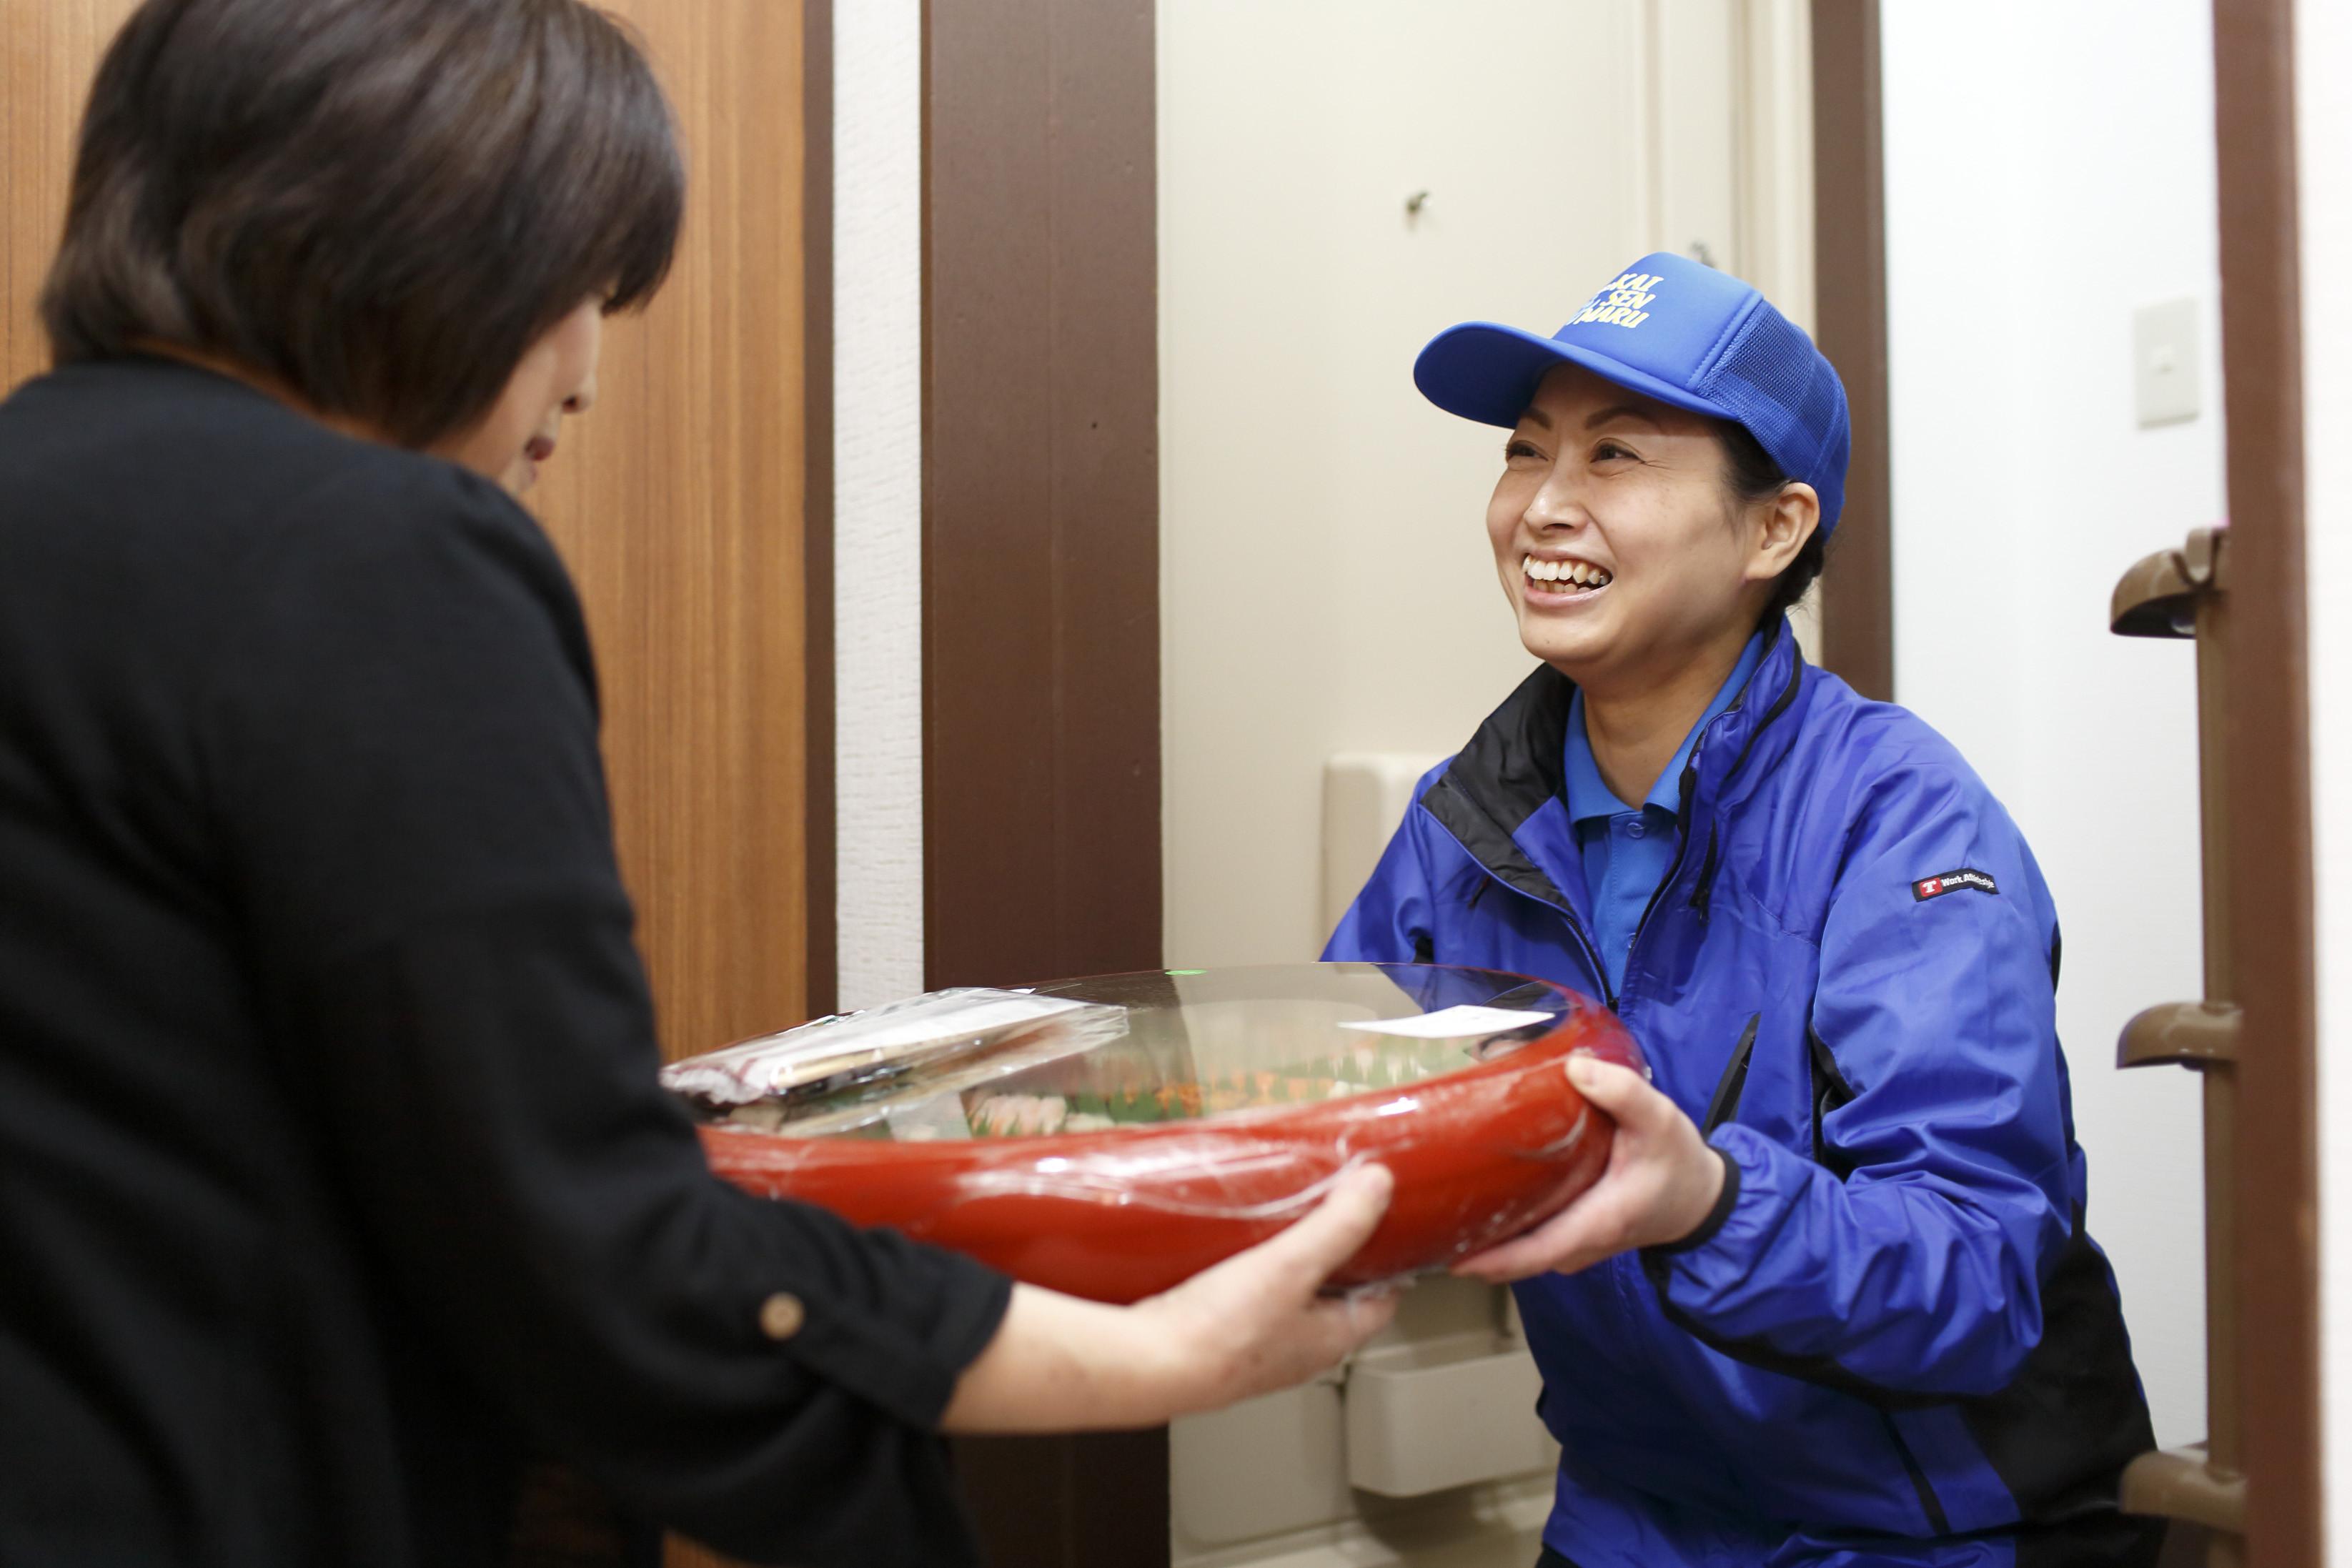 札幌海鮮丸 北見店 デリバリー(配達)スタッフのアルバイト情報